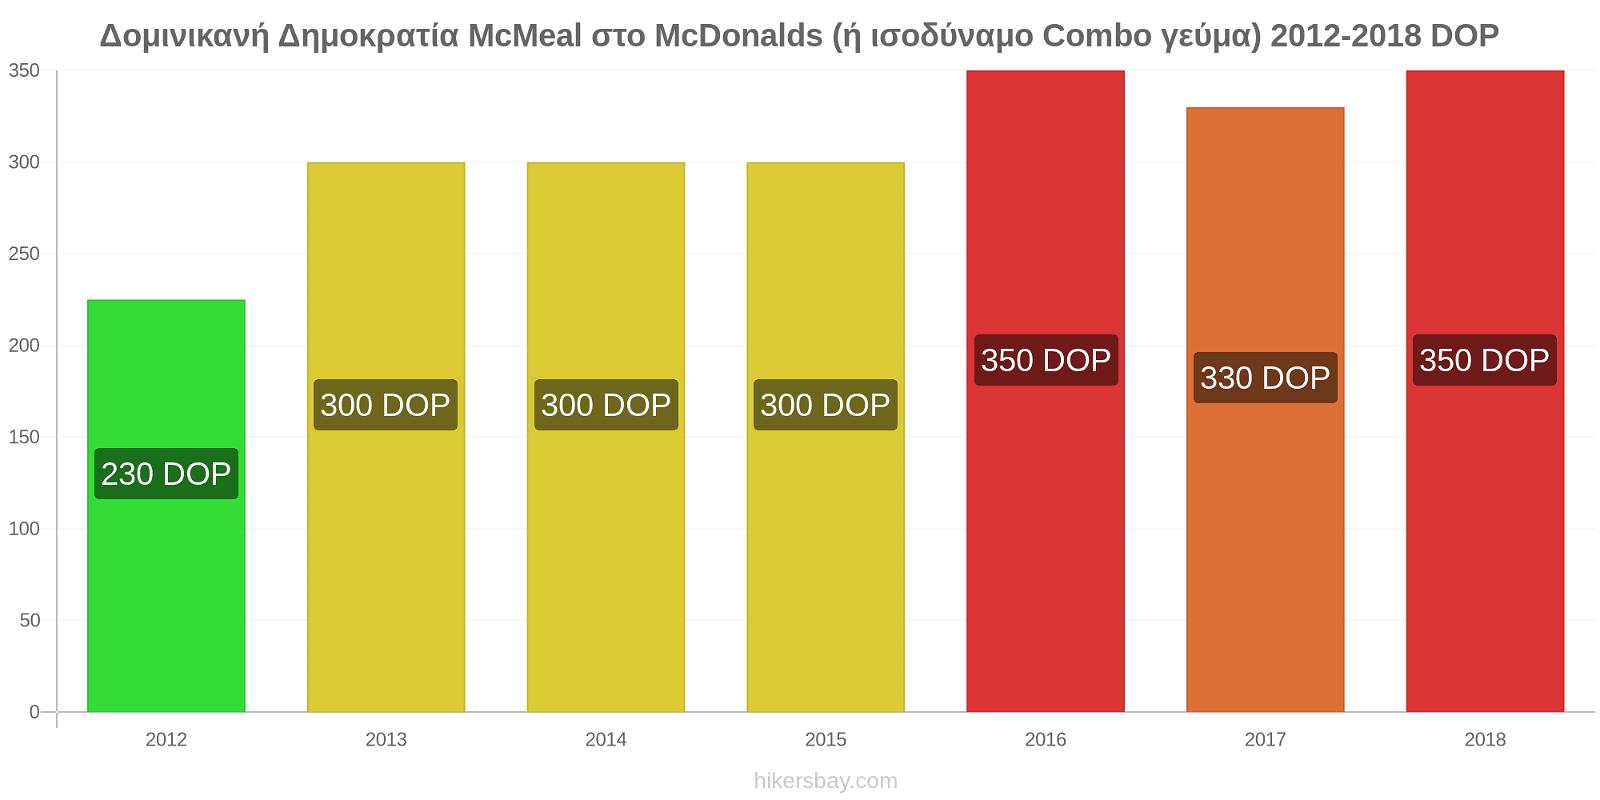 Δομινικανή Δημοκρατία αλλαγές τιμών McMeal στο McDonalds (ή ισοδύναμο Combo γεύμα) hikersbay.com